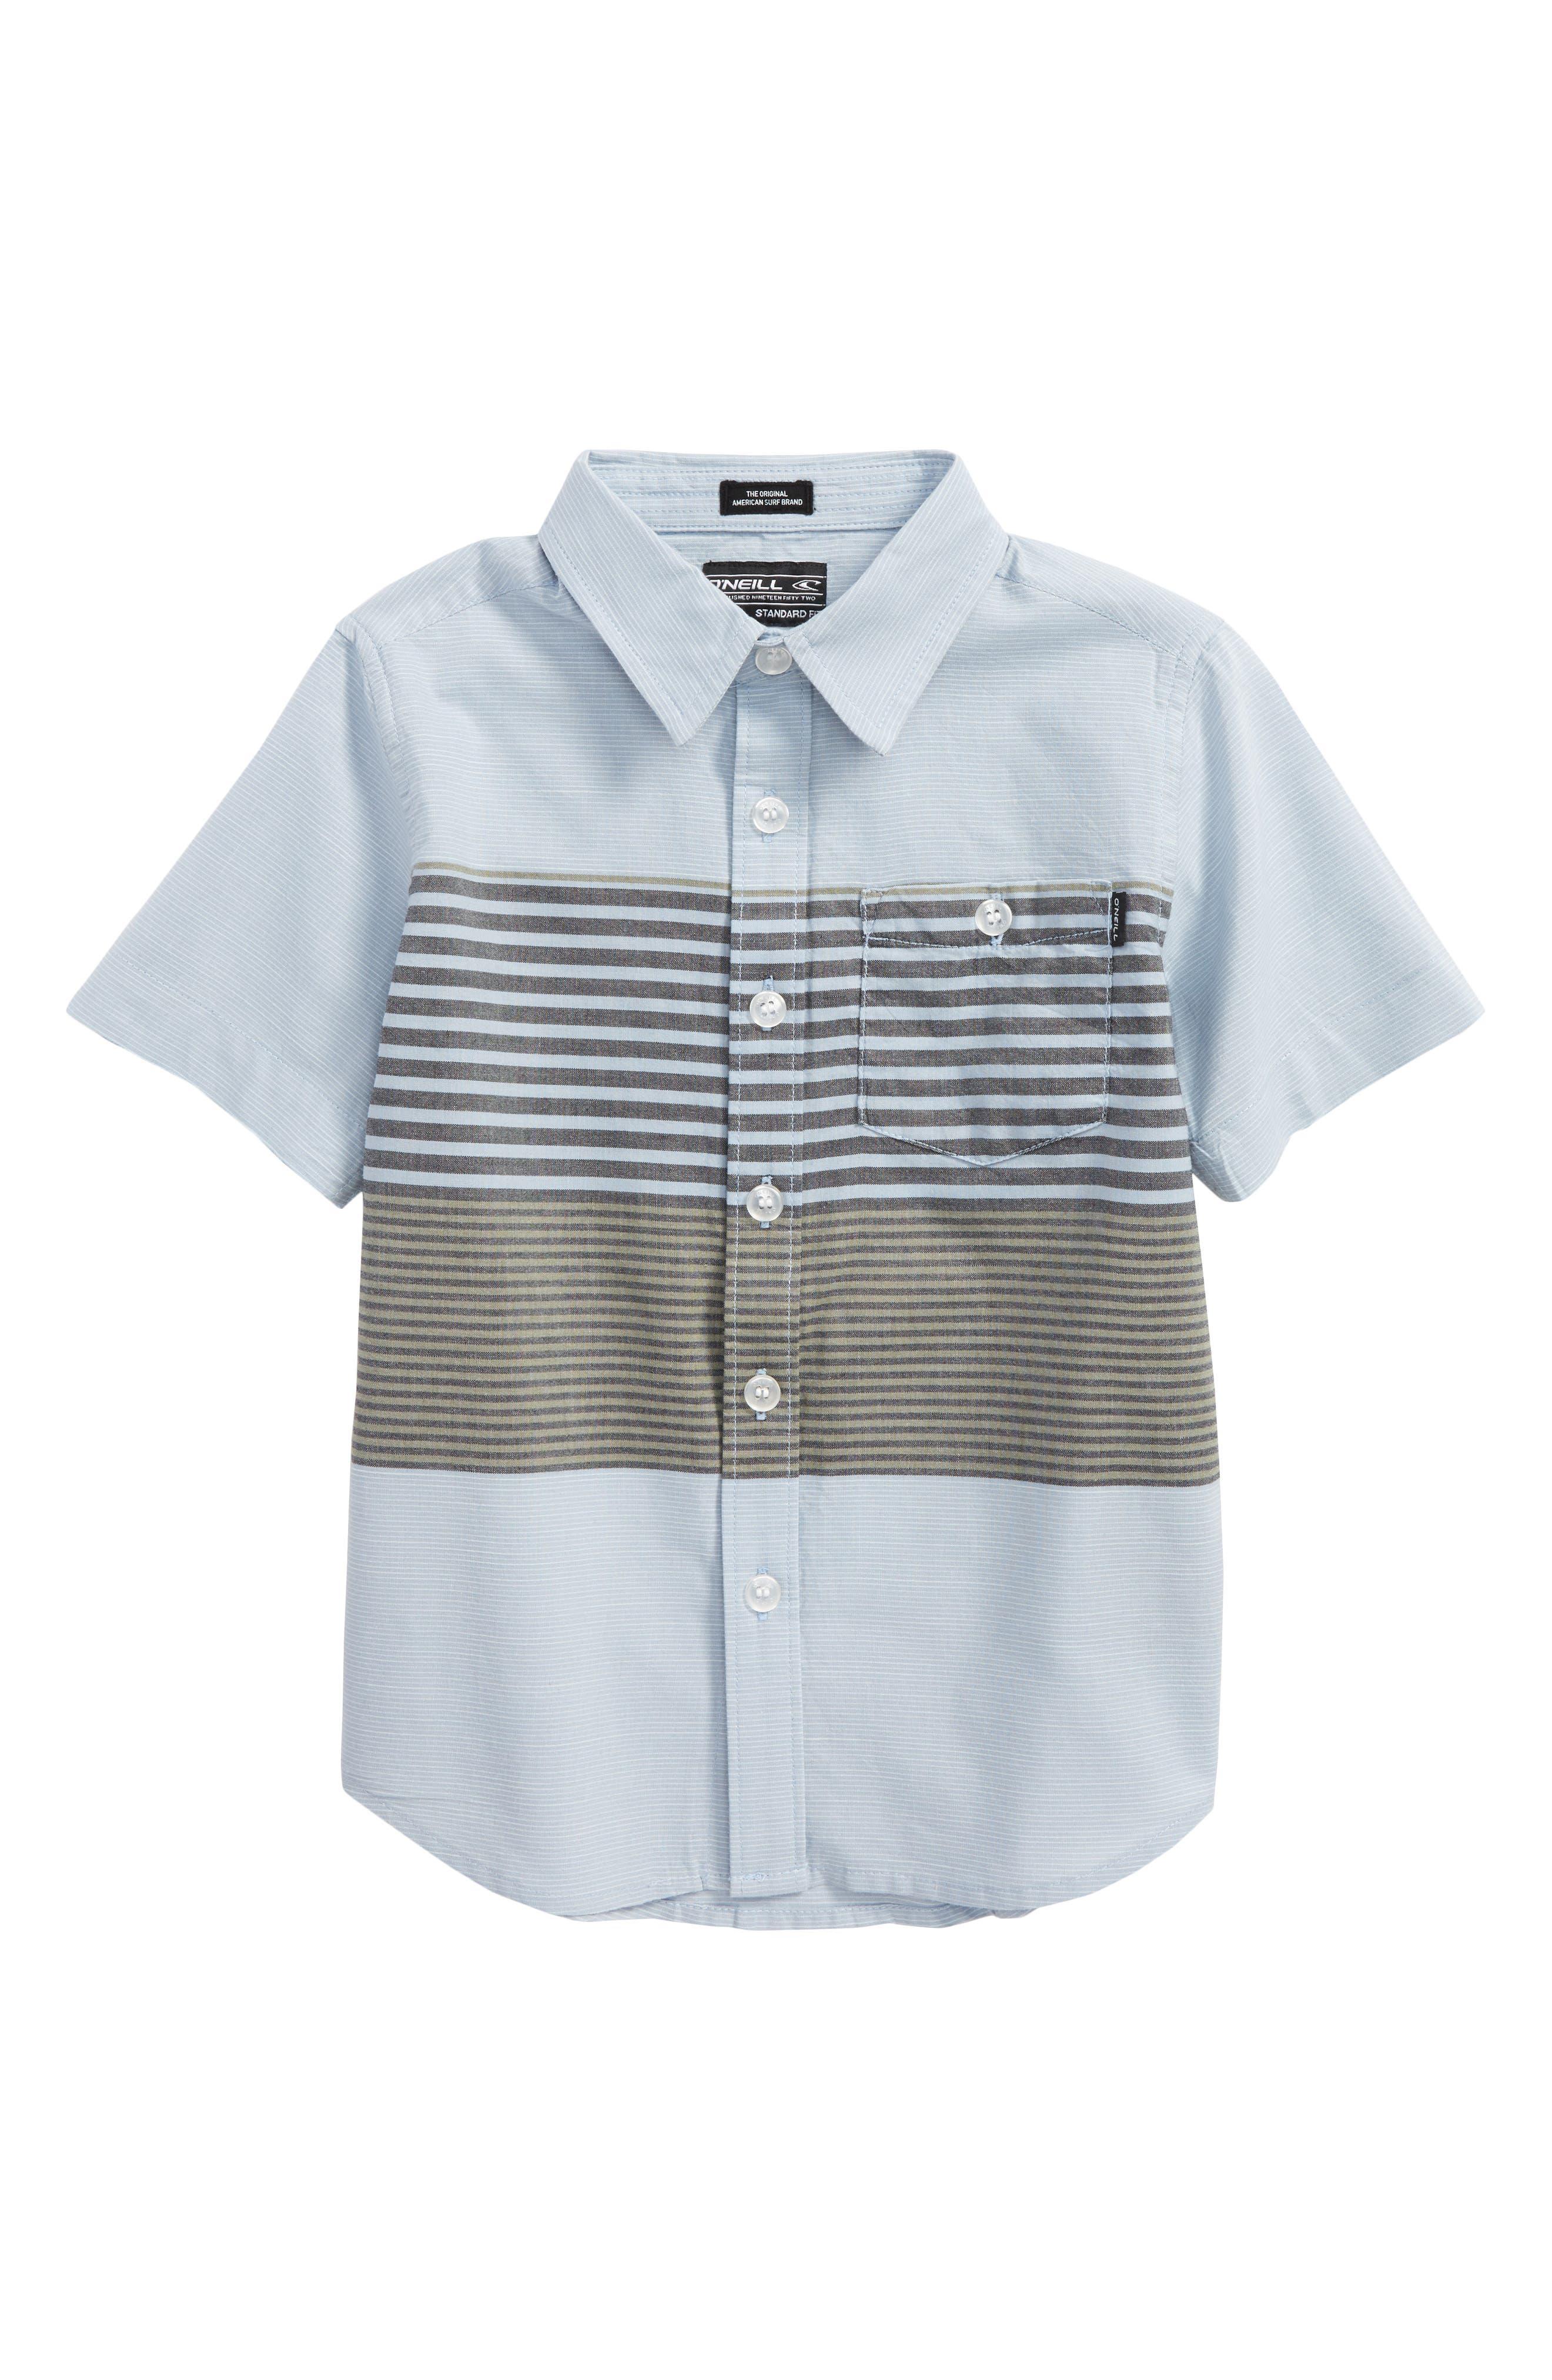 Main Image - O'Neill Altair Woven Shirt (Little Boys)